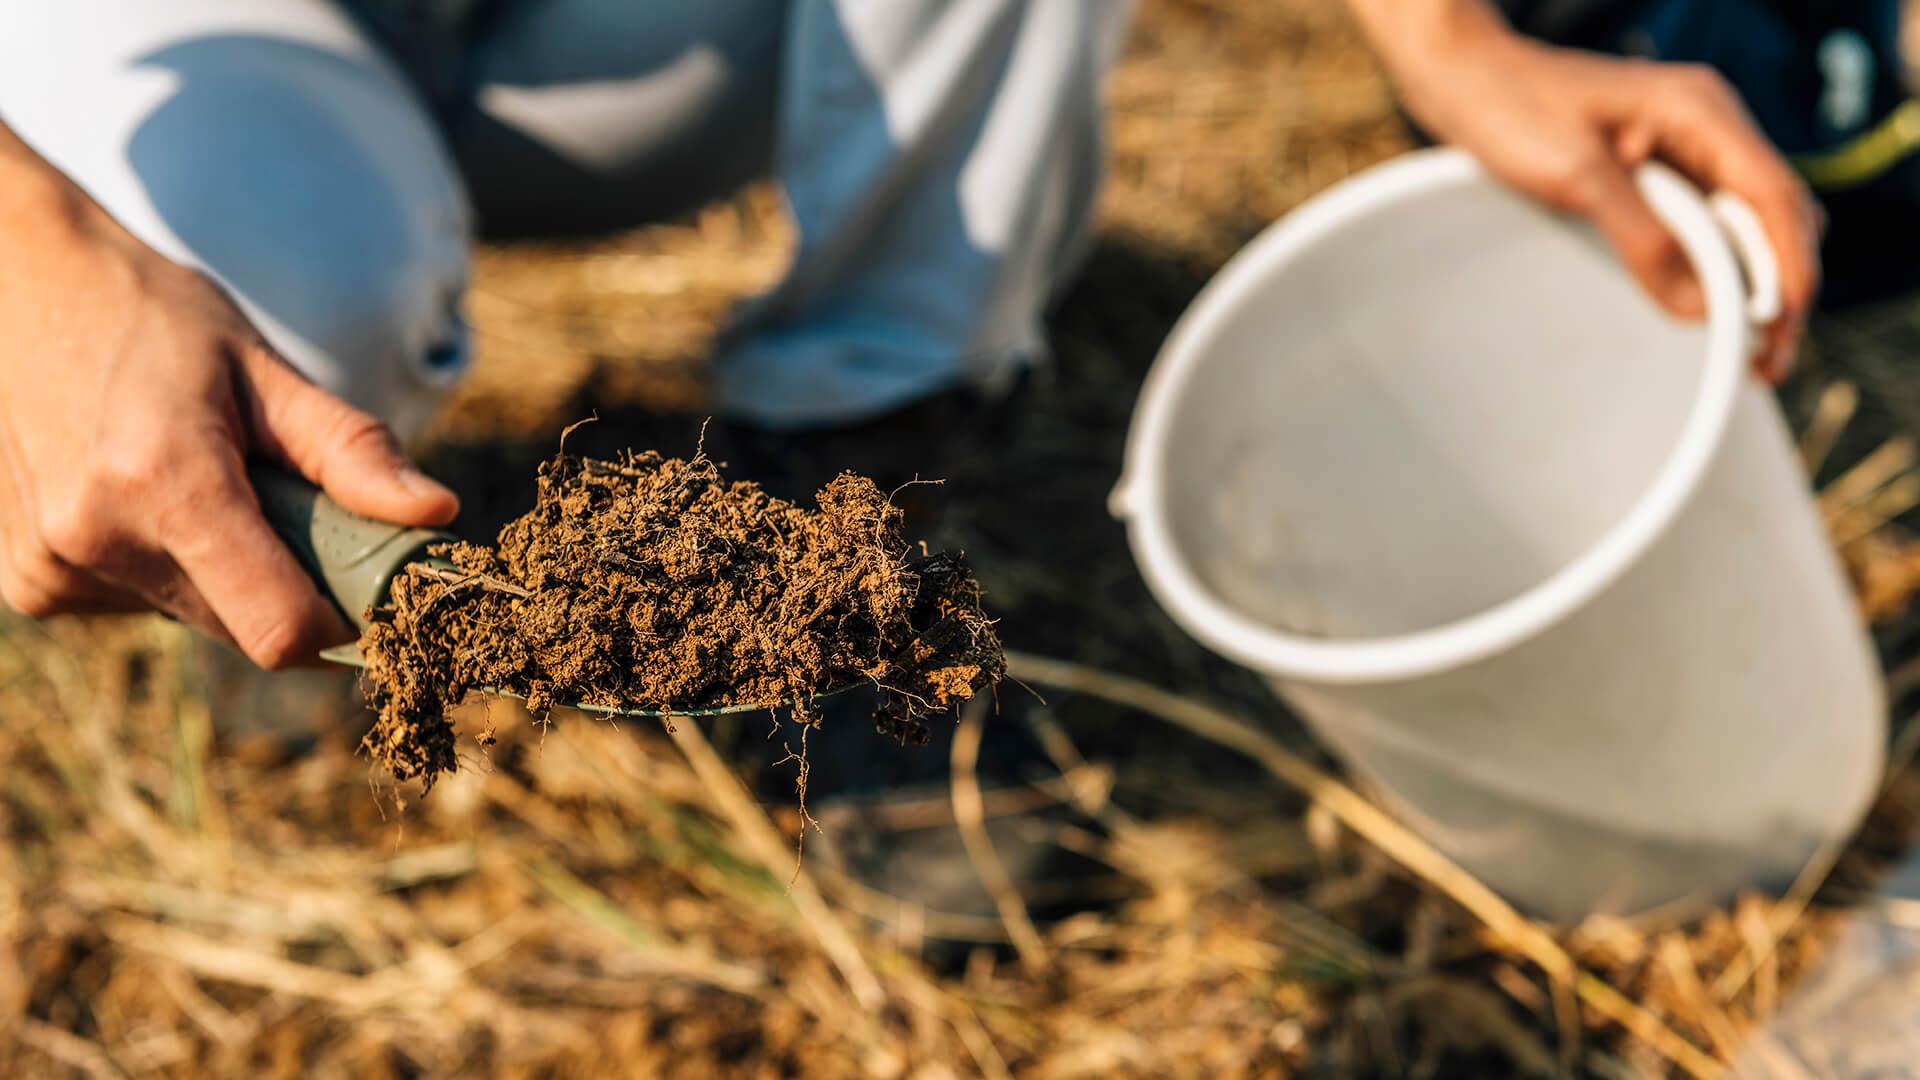 soil-fertility-analysis-female-agronomist-taking-78T3NX2-1.jpg